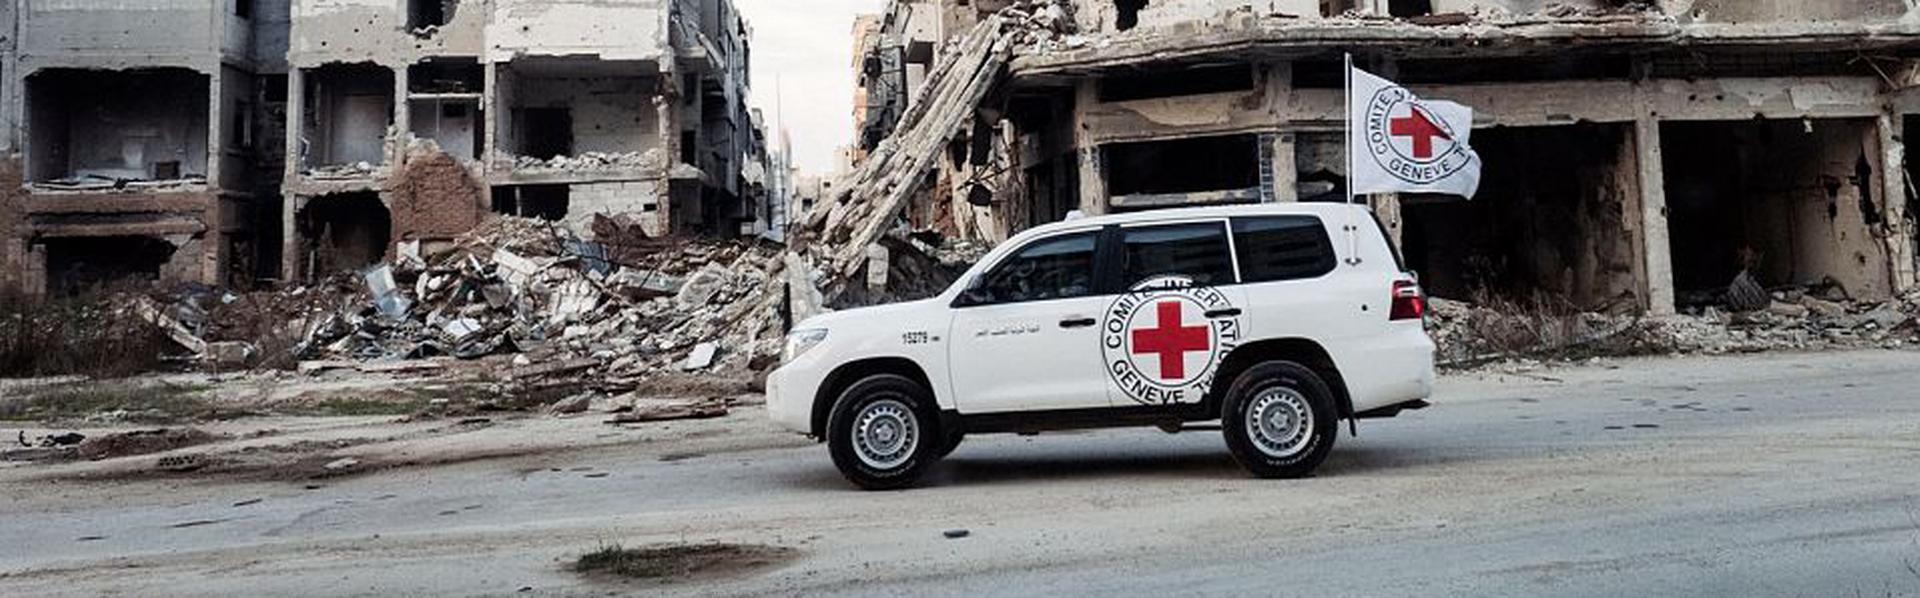 L'aide humanitaire sur RTS Découverte [CICR/FB]